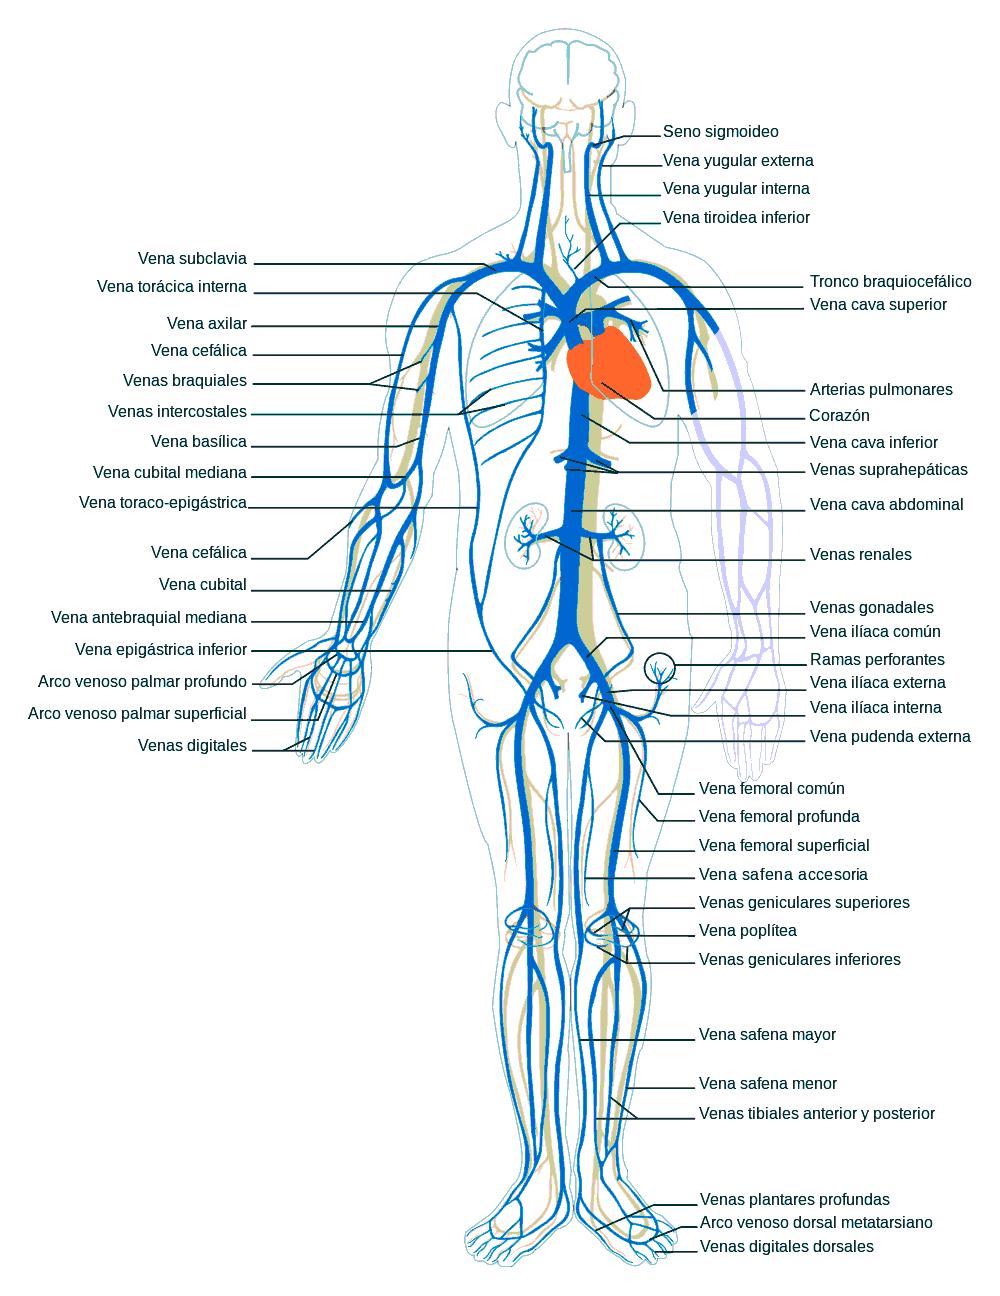 Resultado de imagen para lamina de las venas y arterias del brazo ...